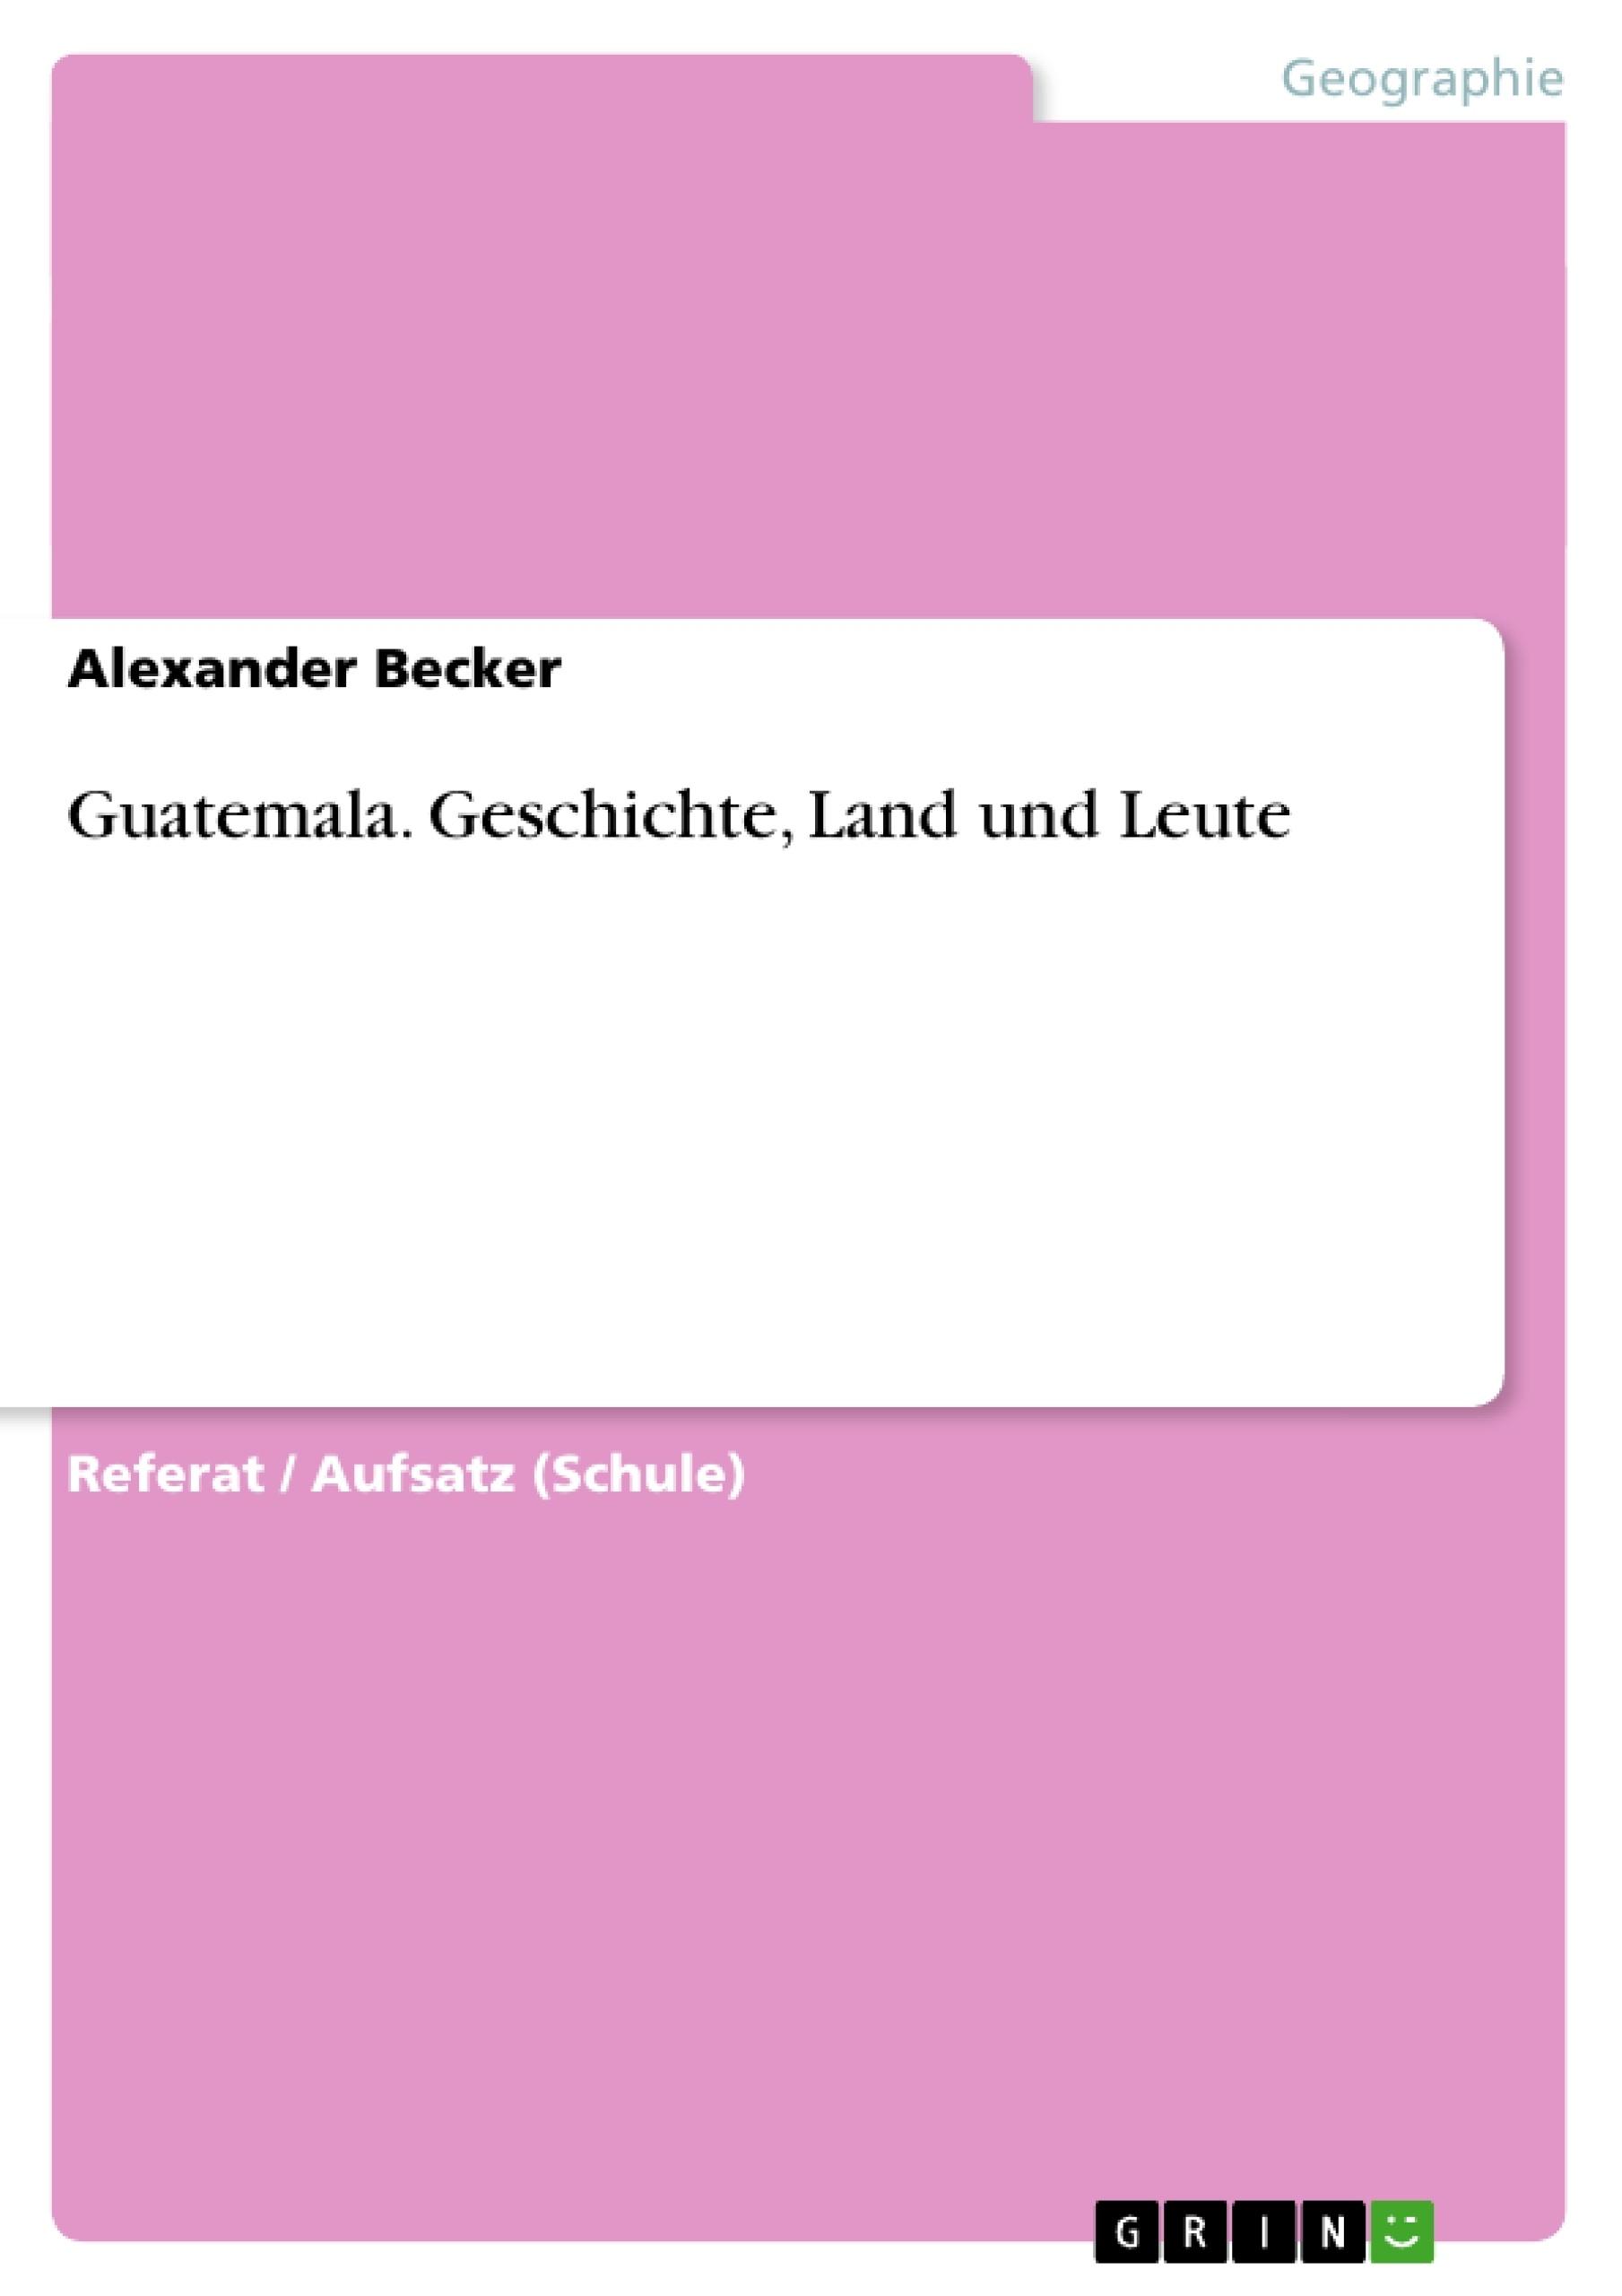 Titel: Guatemala. Geschichte, Land und Leute